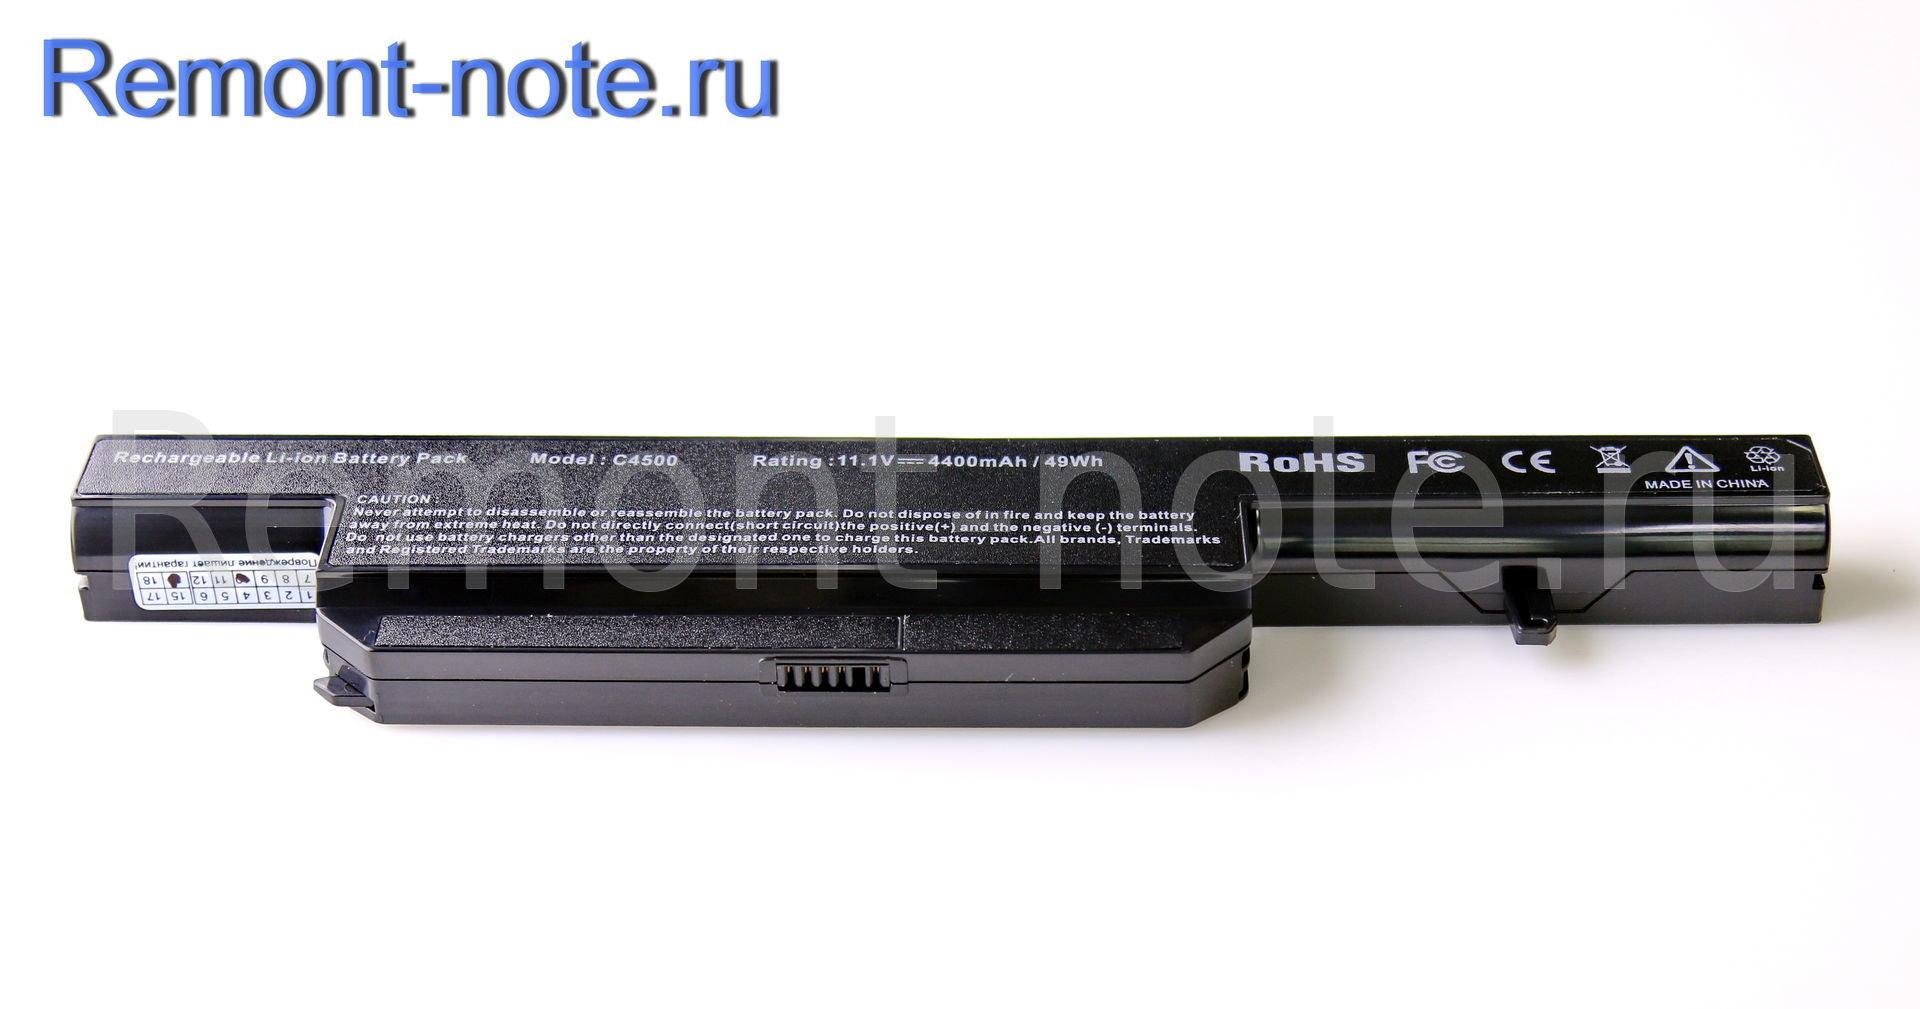 Аккумулятор для ноутбука DNS CLEVO 10.1V 4400mAh 0162456 , 0149447, 0150166, 0155833, 0161102, 0161145 0161147